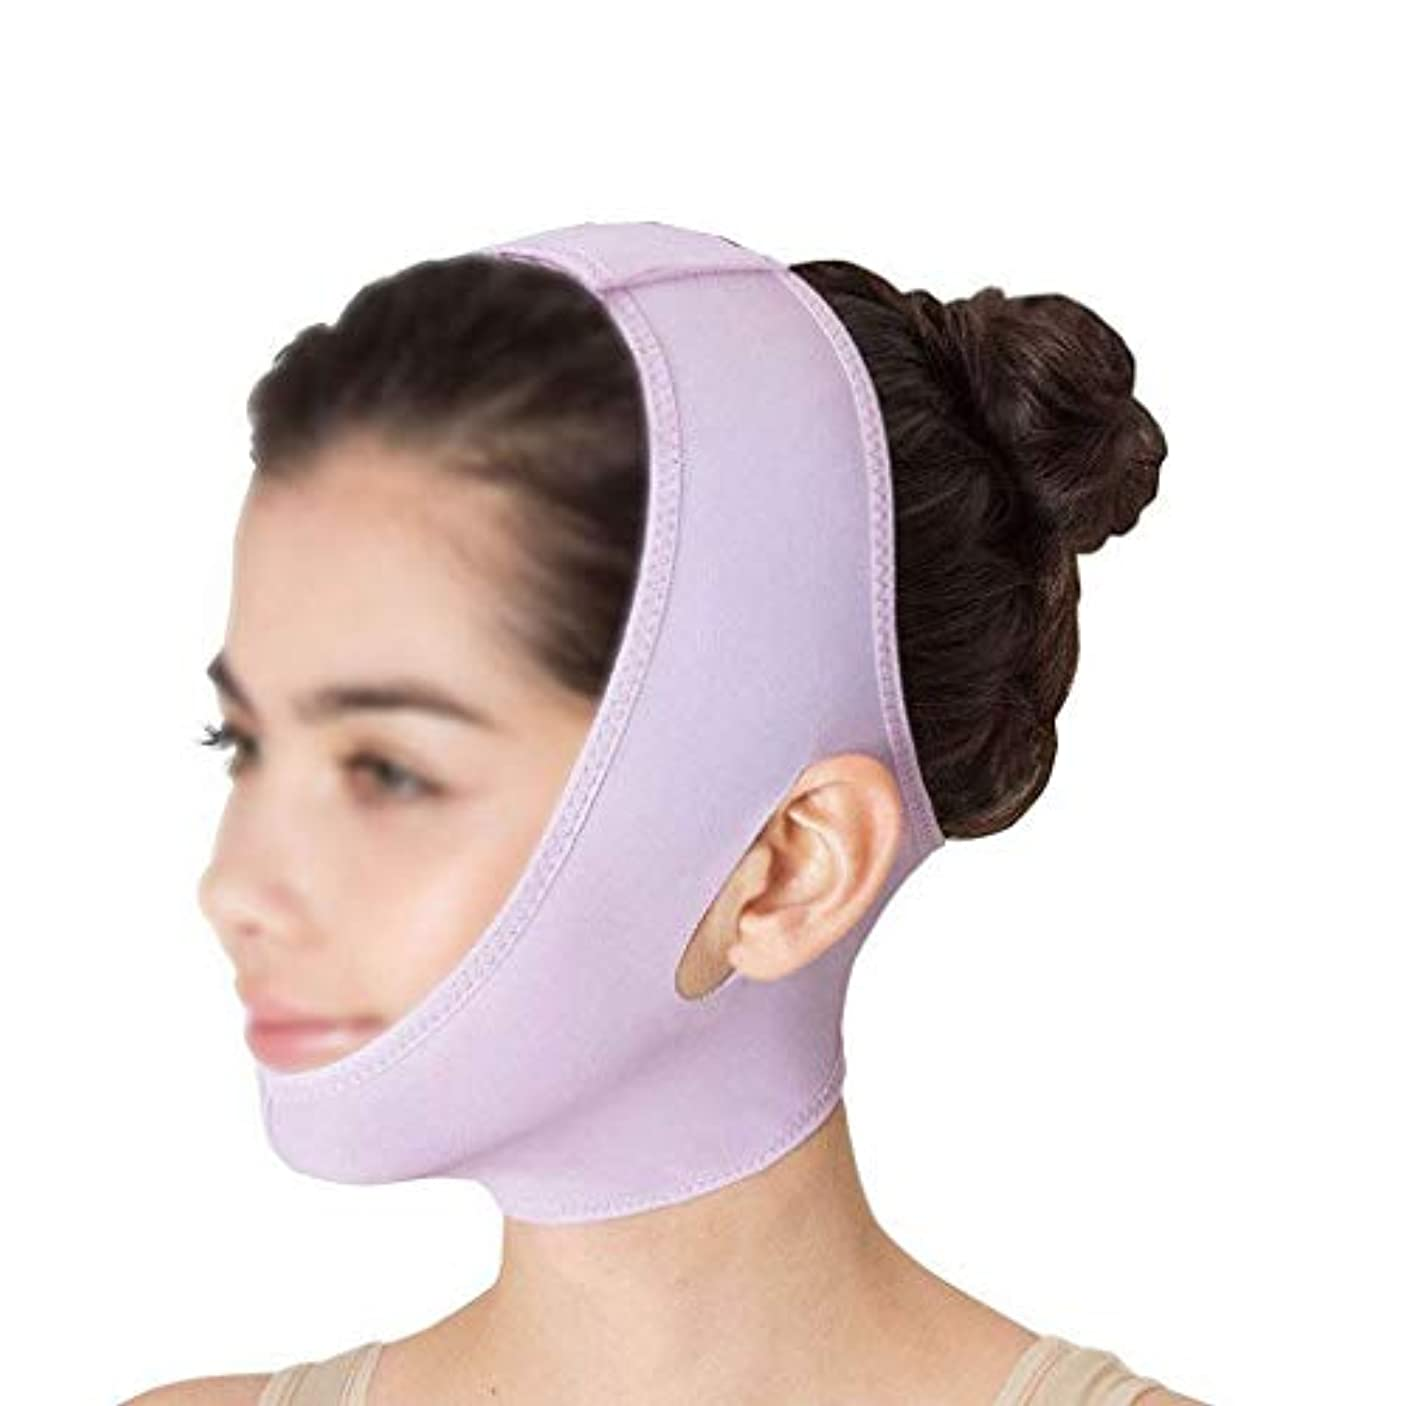 ちなみに学んだ薄いフェイスマスク ビームフェイス、薄いダブルチンでスリーピングマスクの下の頬を防ぎ、小さなVフェイスを作成